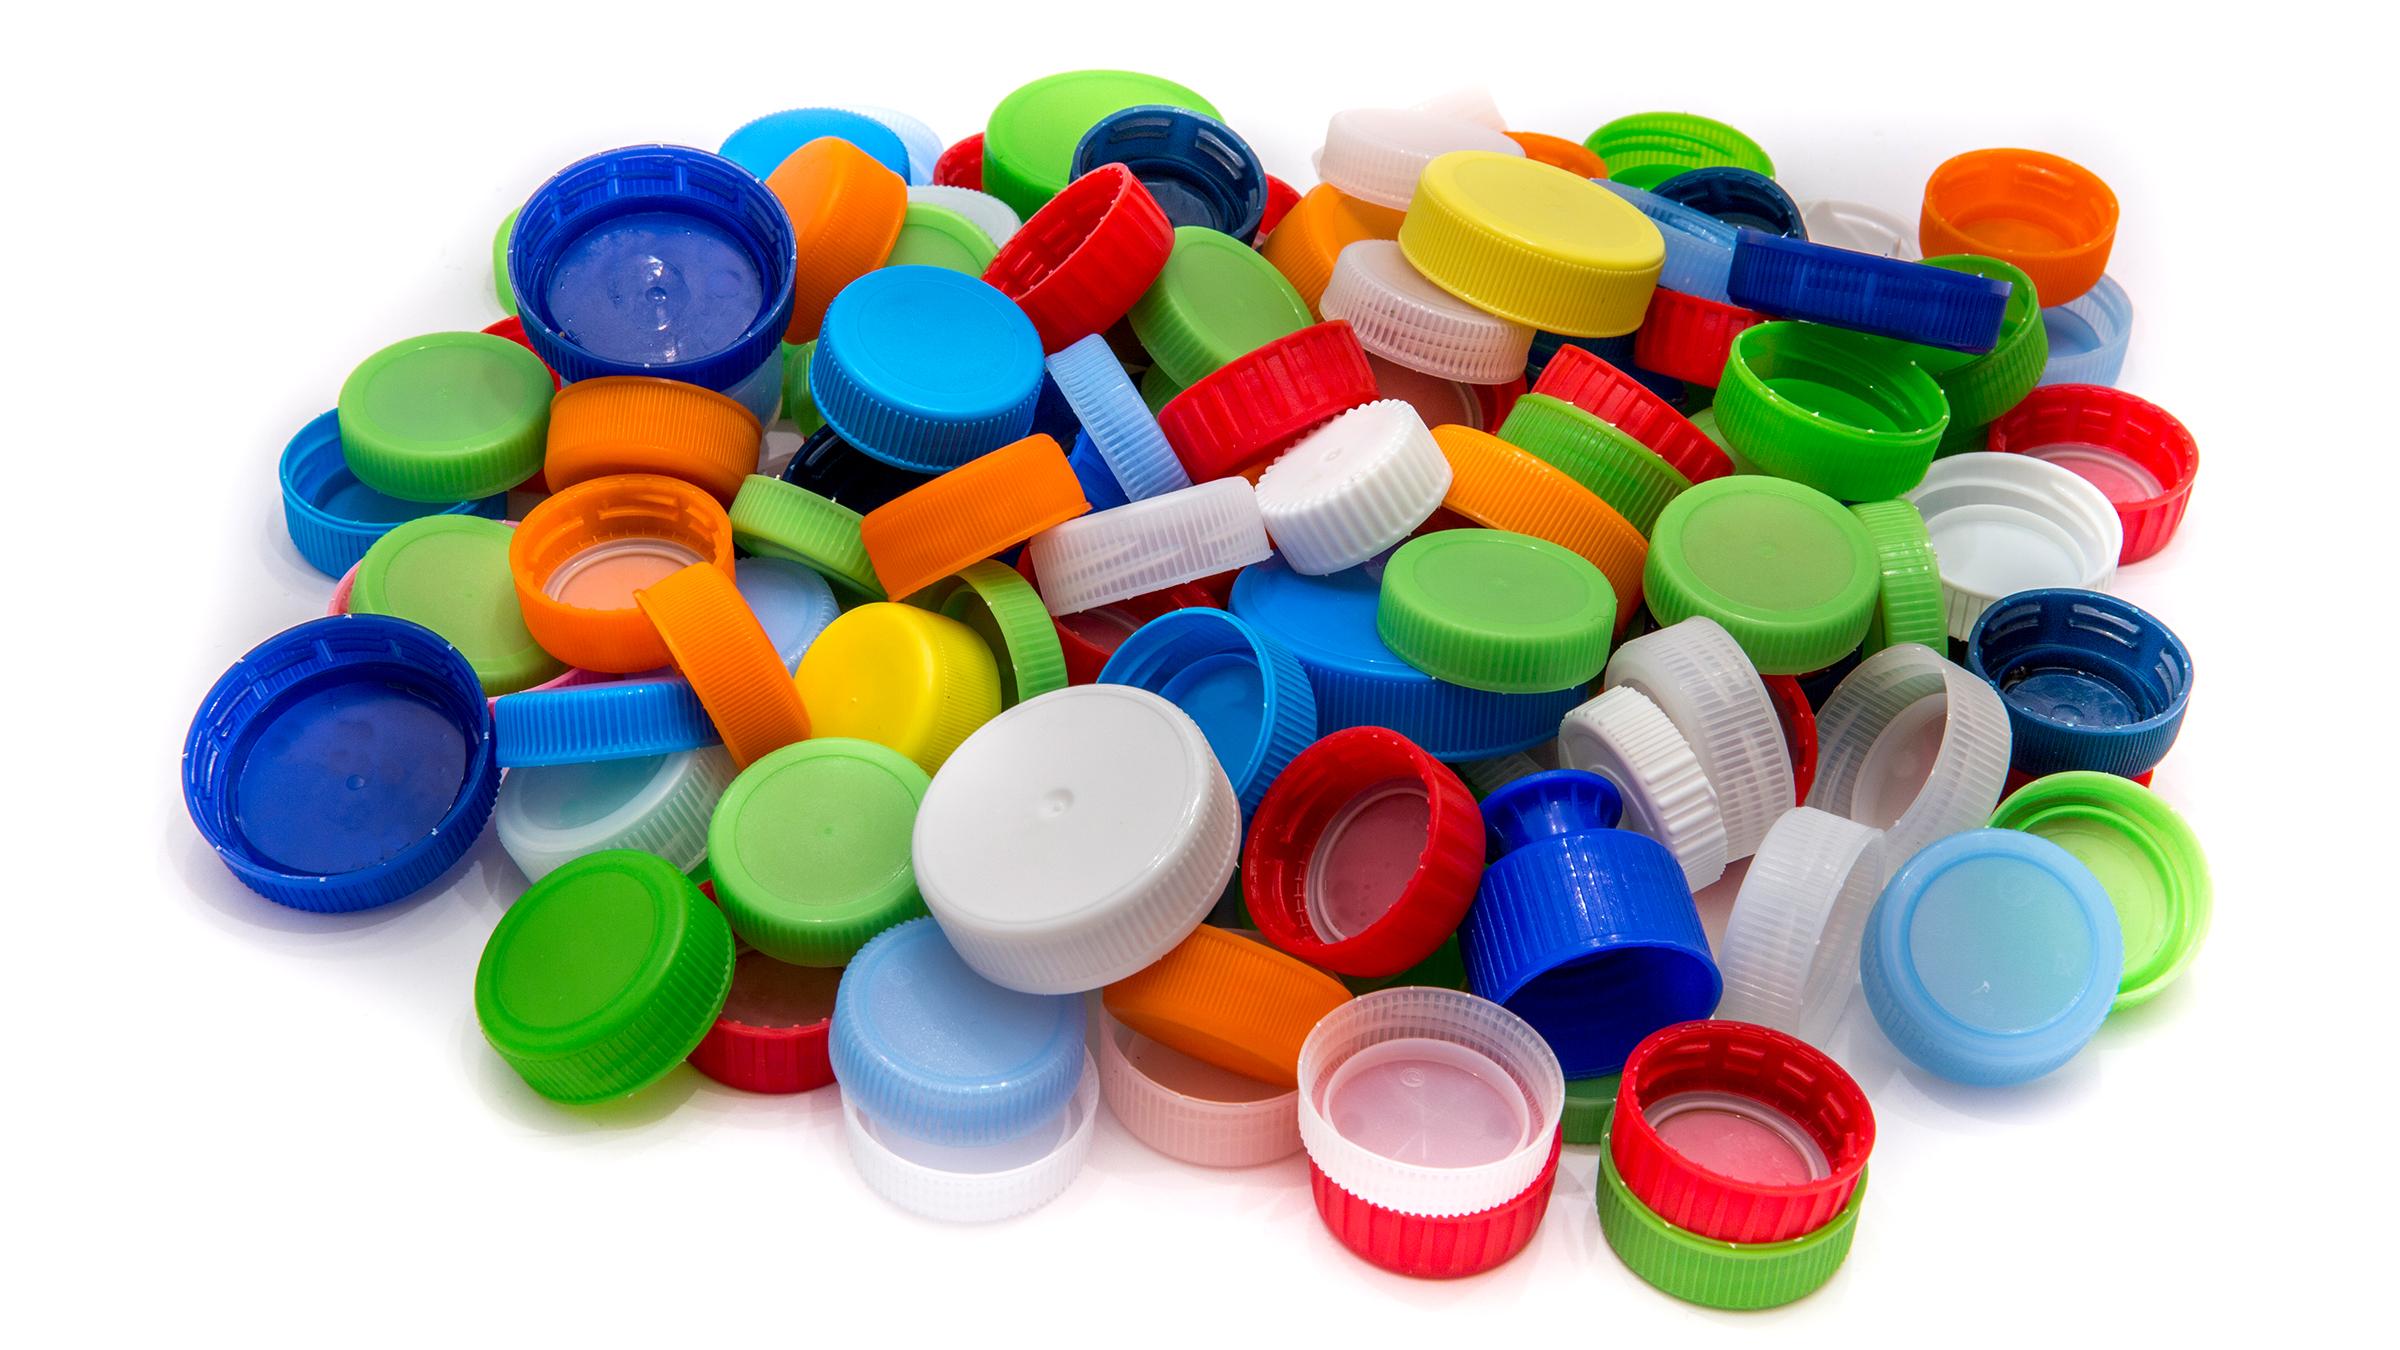 Картинка крышки от пластиковых бутылок